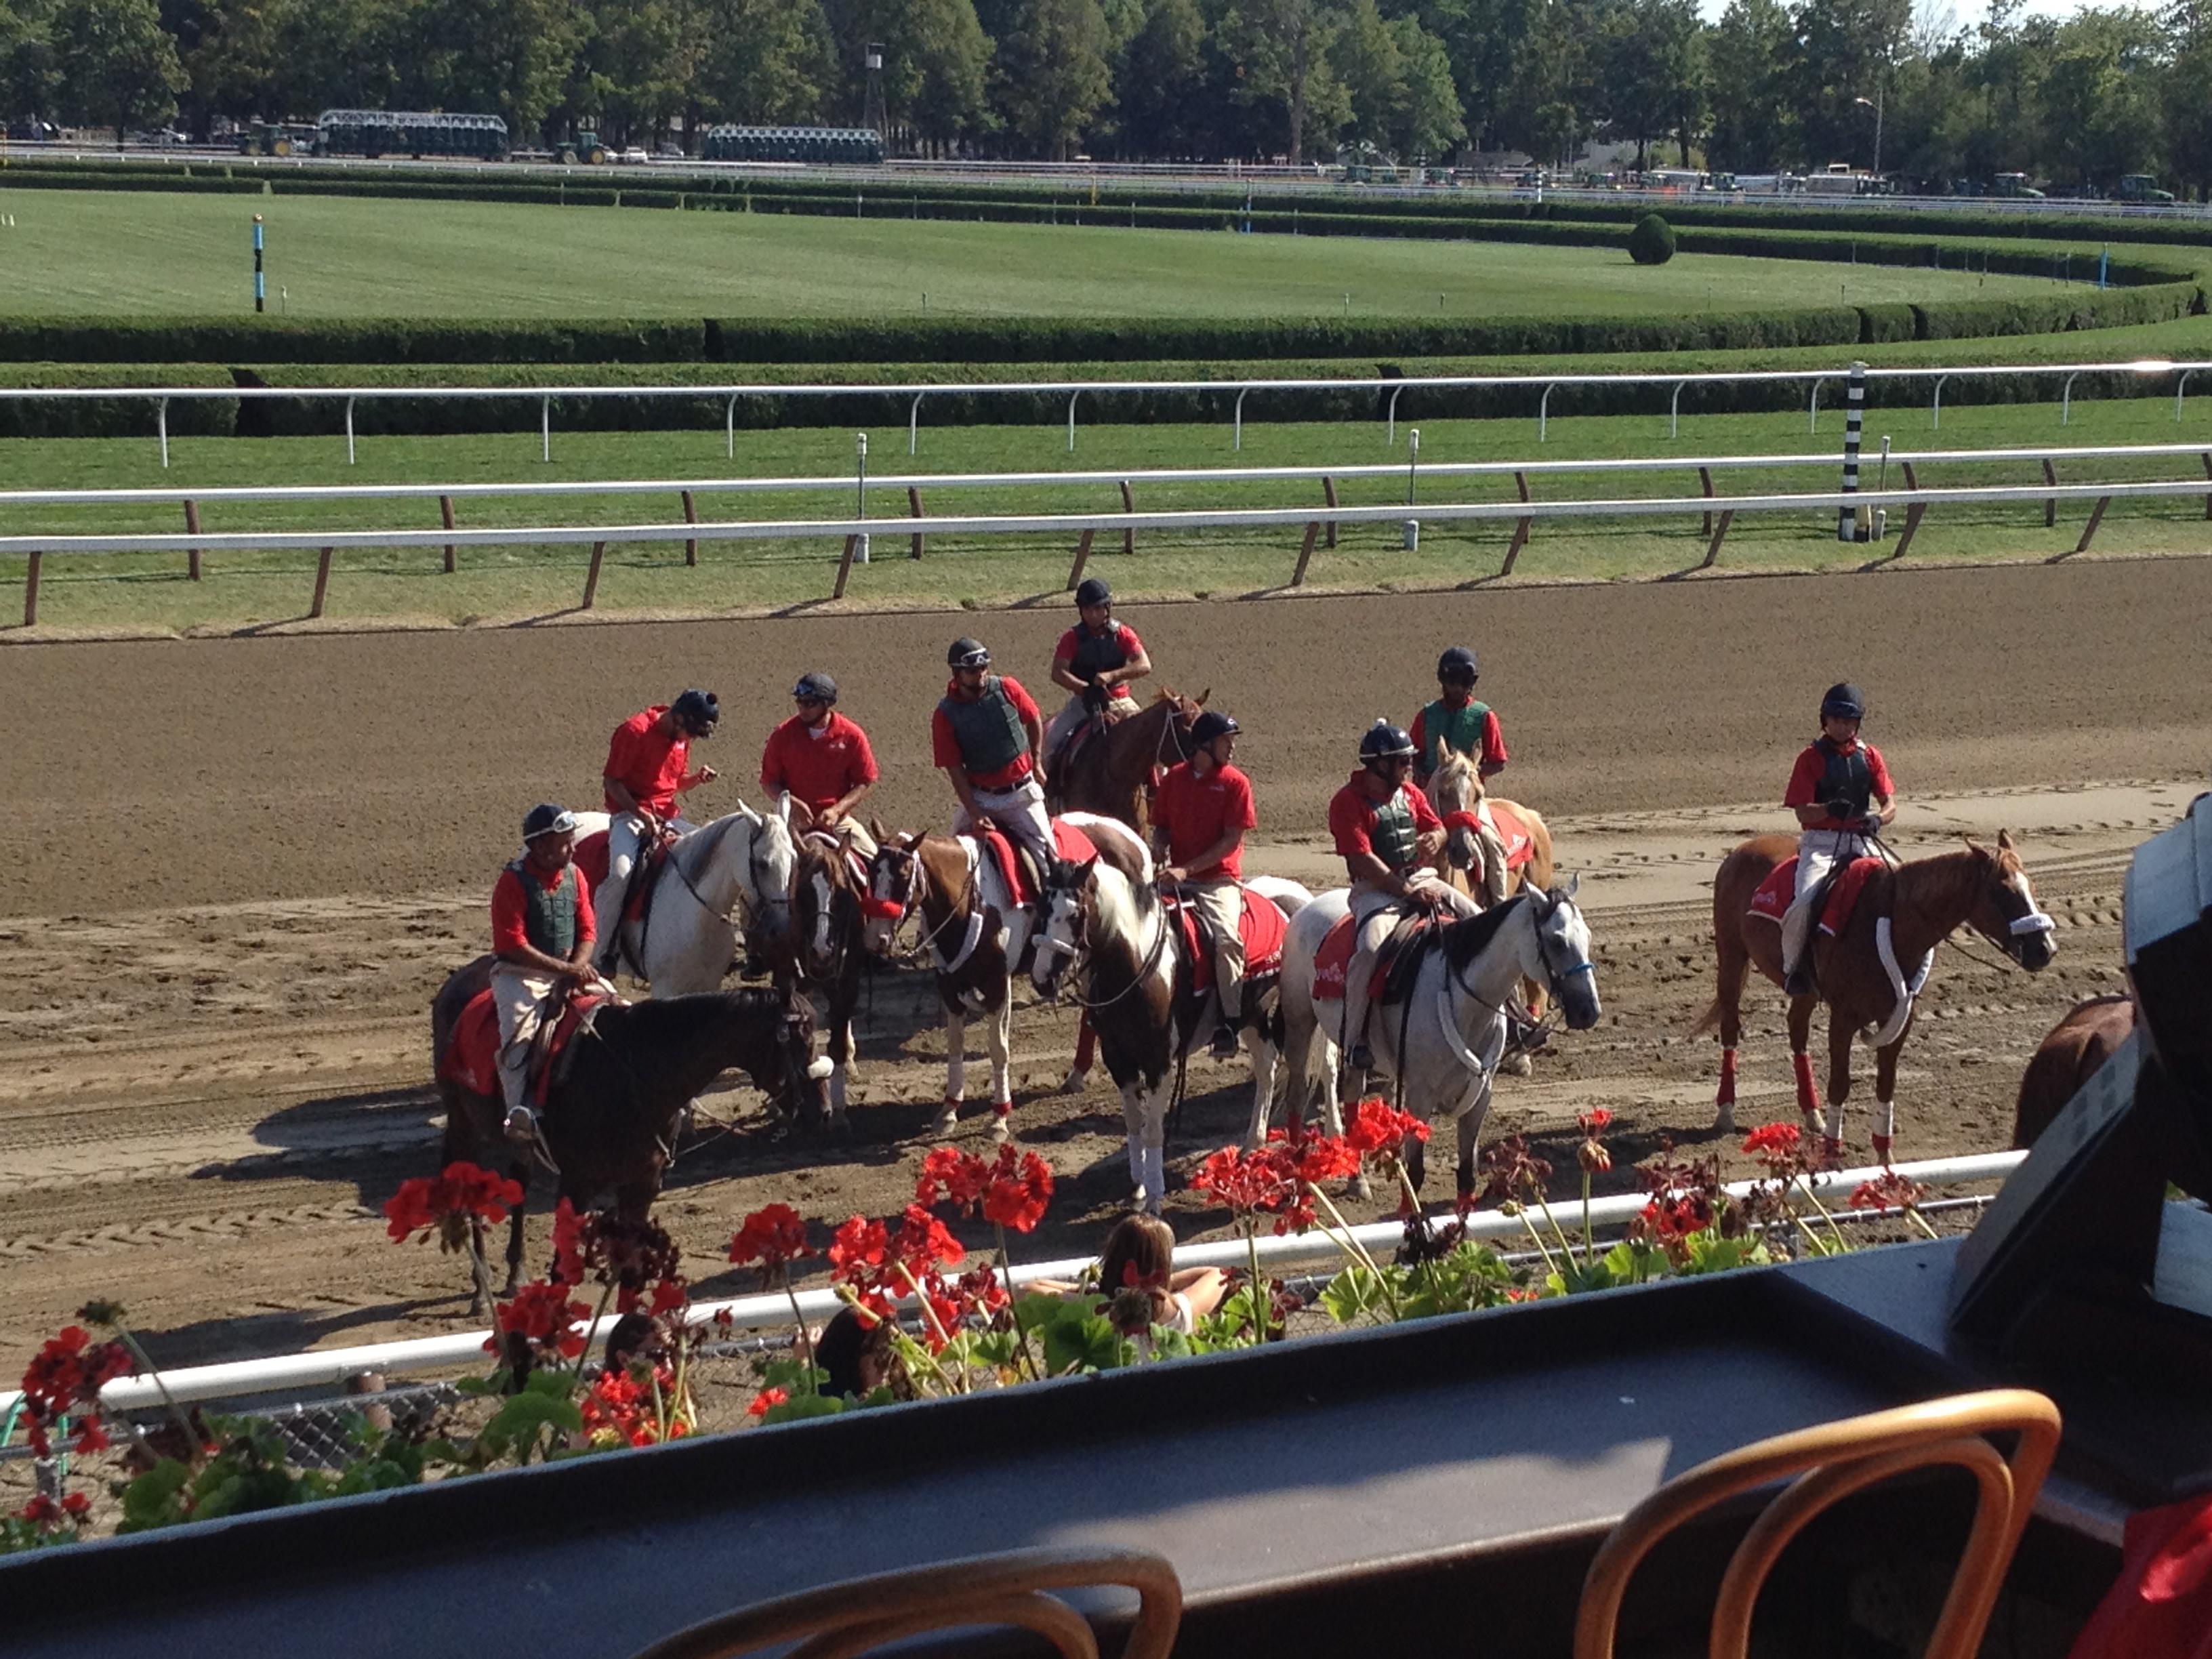 Helper Horses at Saratoga Racetrack